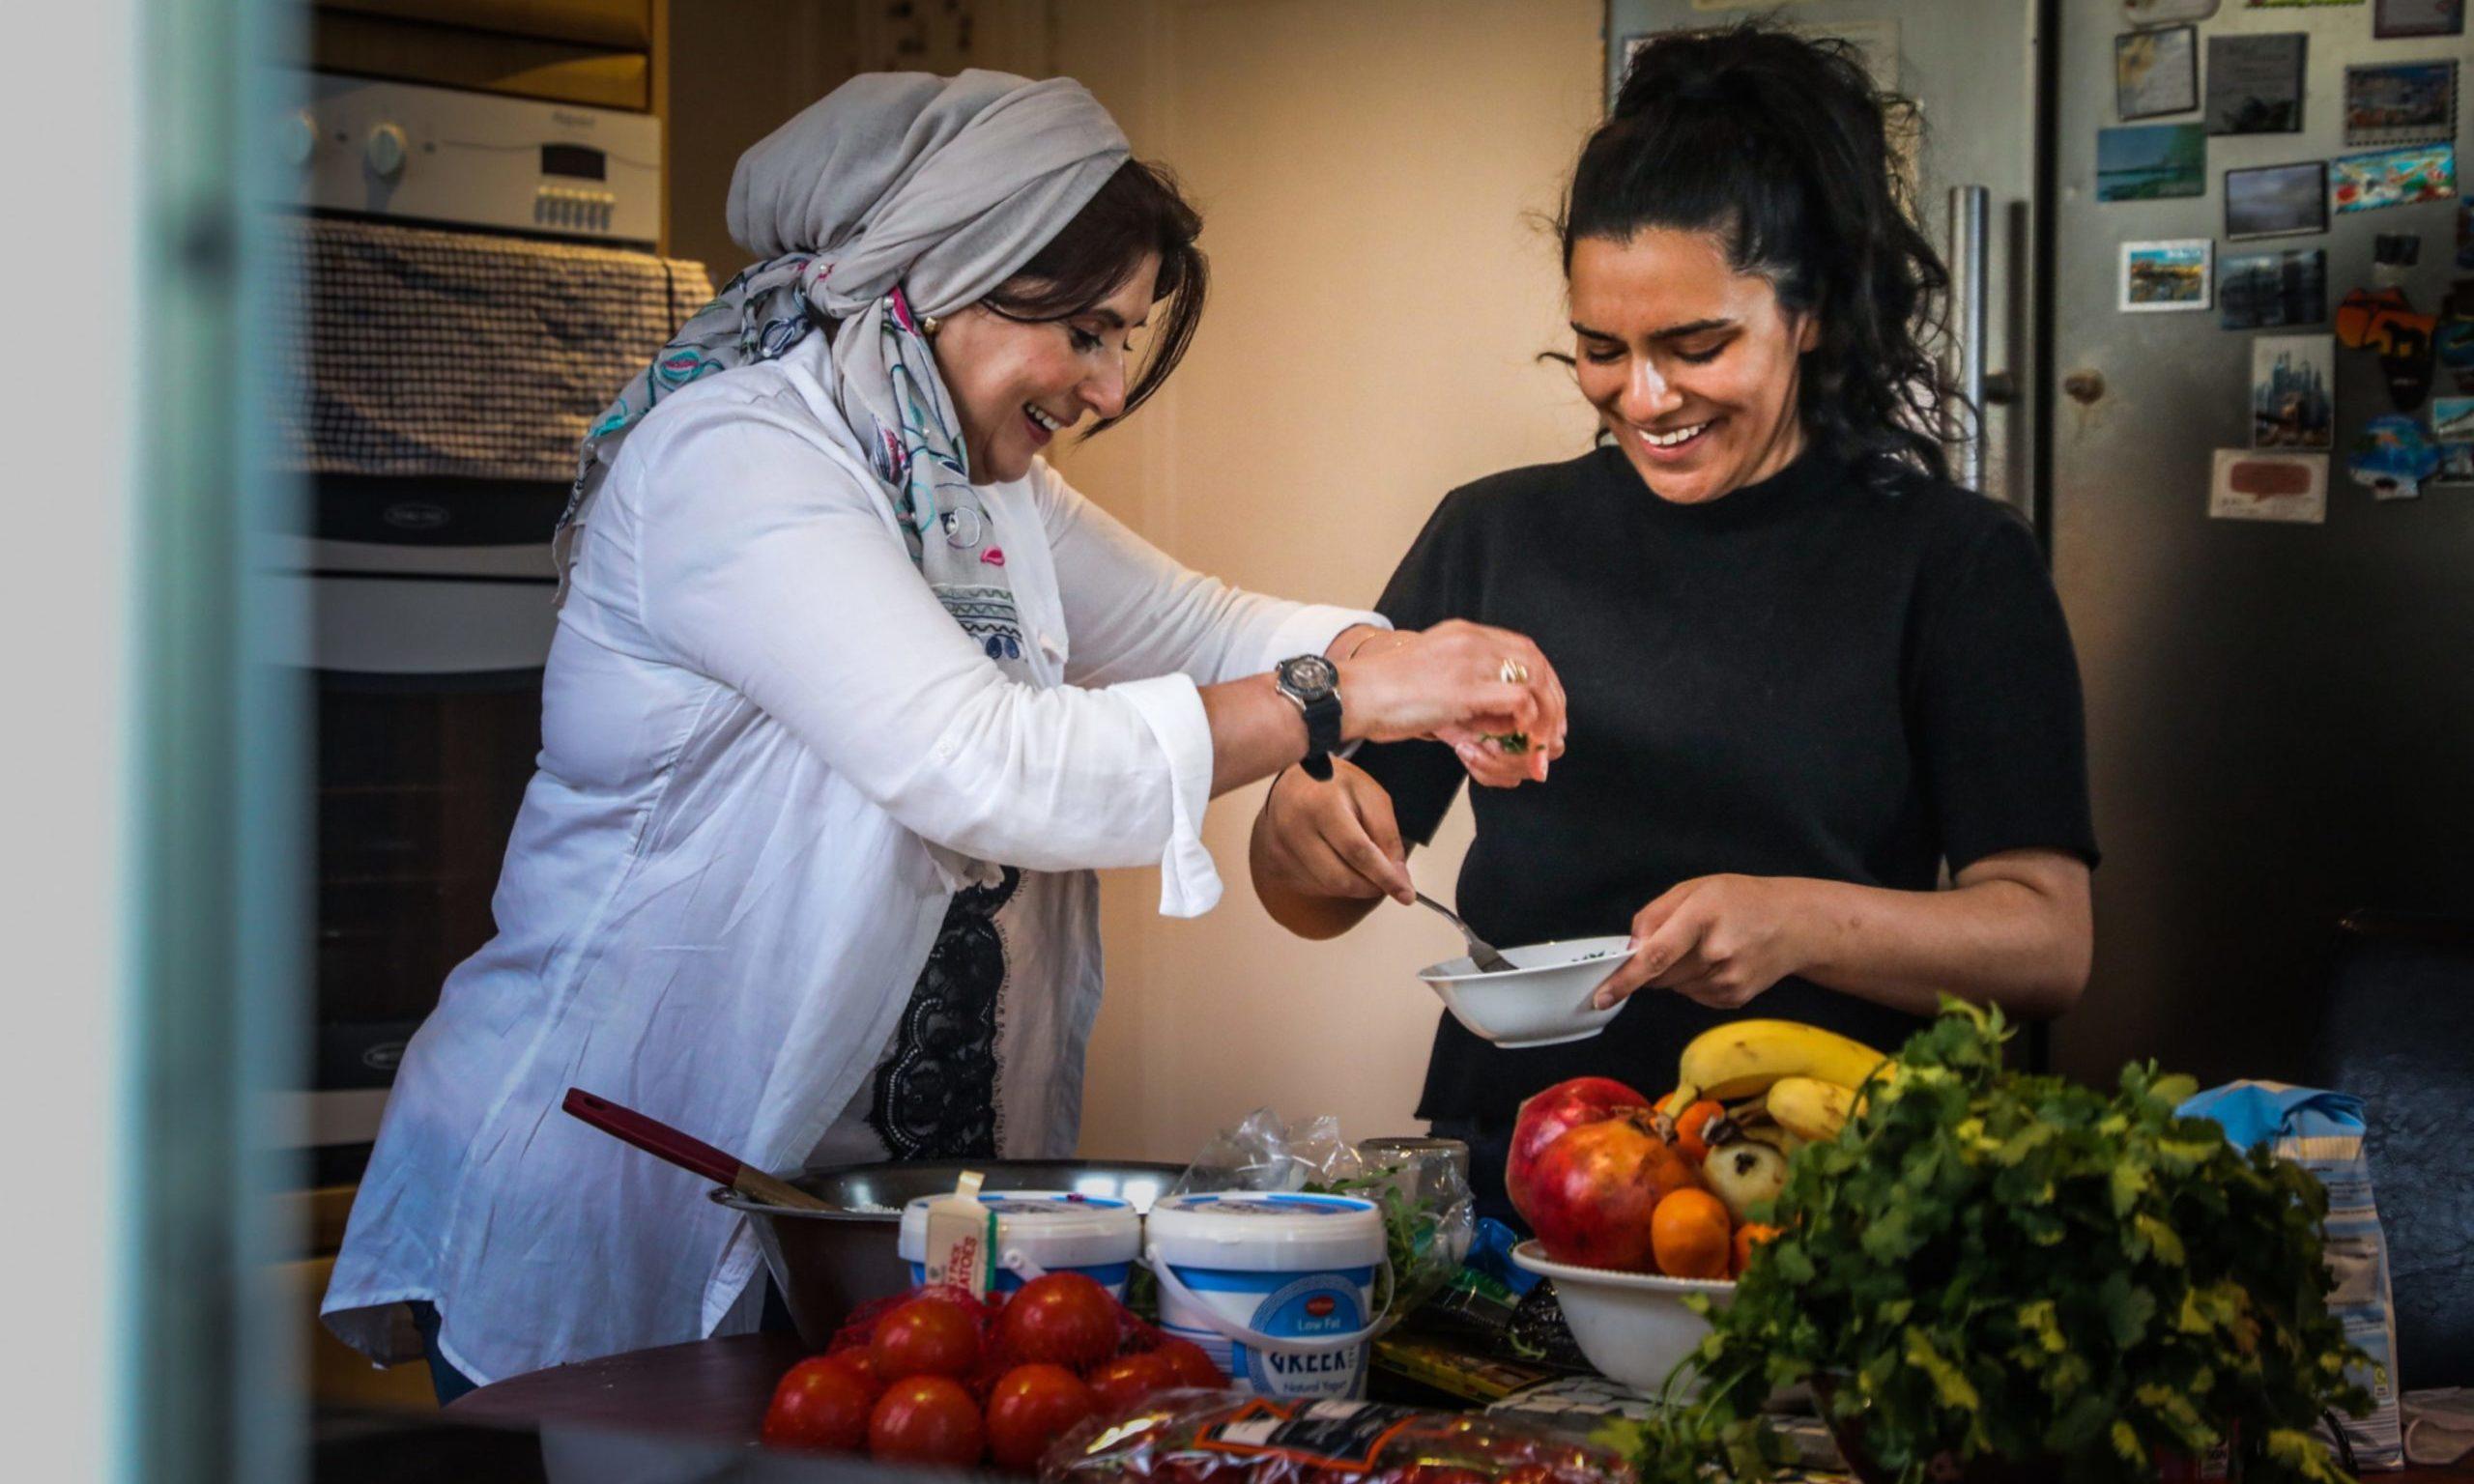 Fatima Ramzan with daughter Yusra Ramzan, 20 preparing some food for Ramadan.